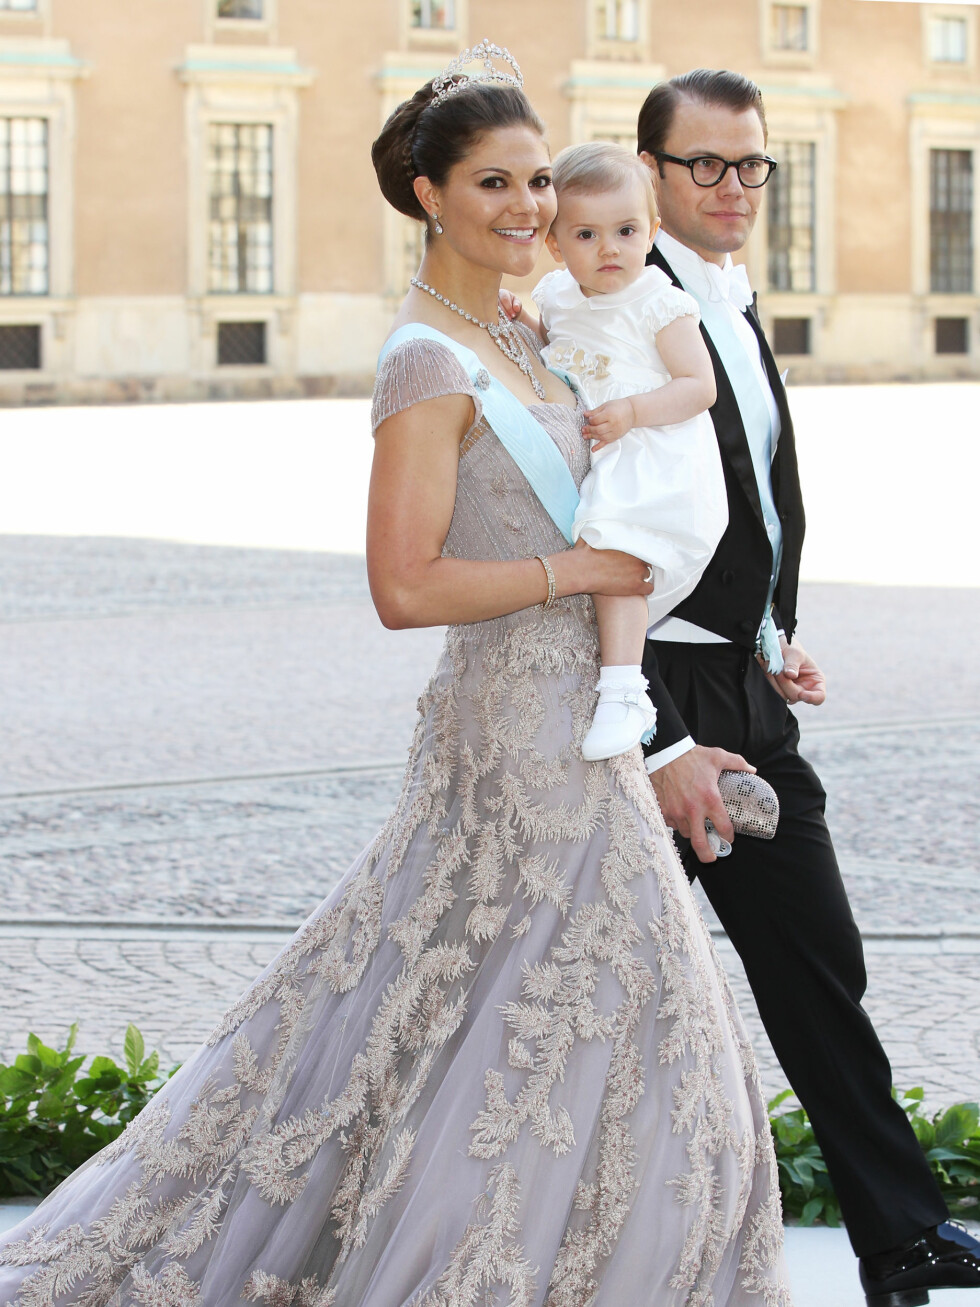 Kronprinsesse Victoria, prinsesse Estelle og prins Daniel.  Foto: All Over Press